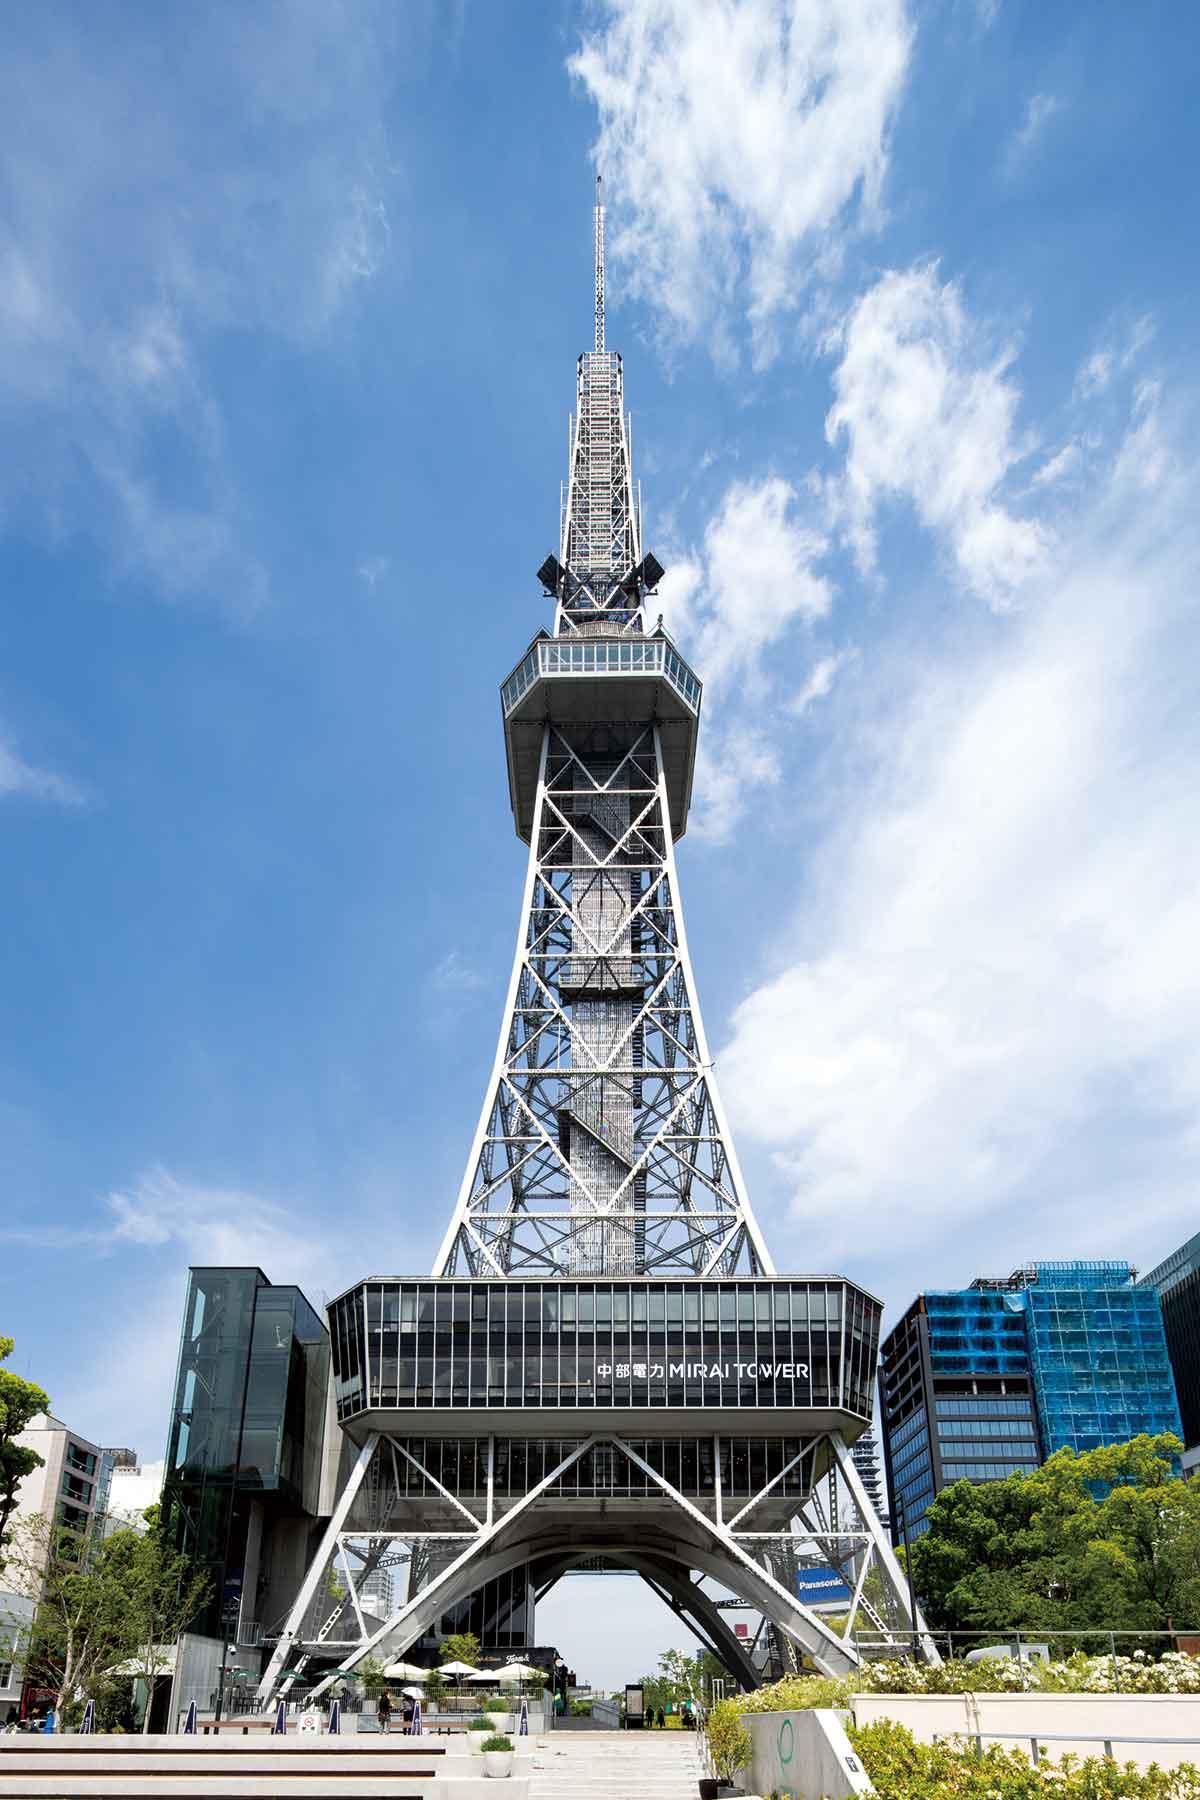 中部電力 MIRAI TOWERは、1954年(昭和29年)に、名古屋テレビ塔として、観光とテレビ放送用電波発信のために建設された施設です